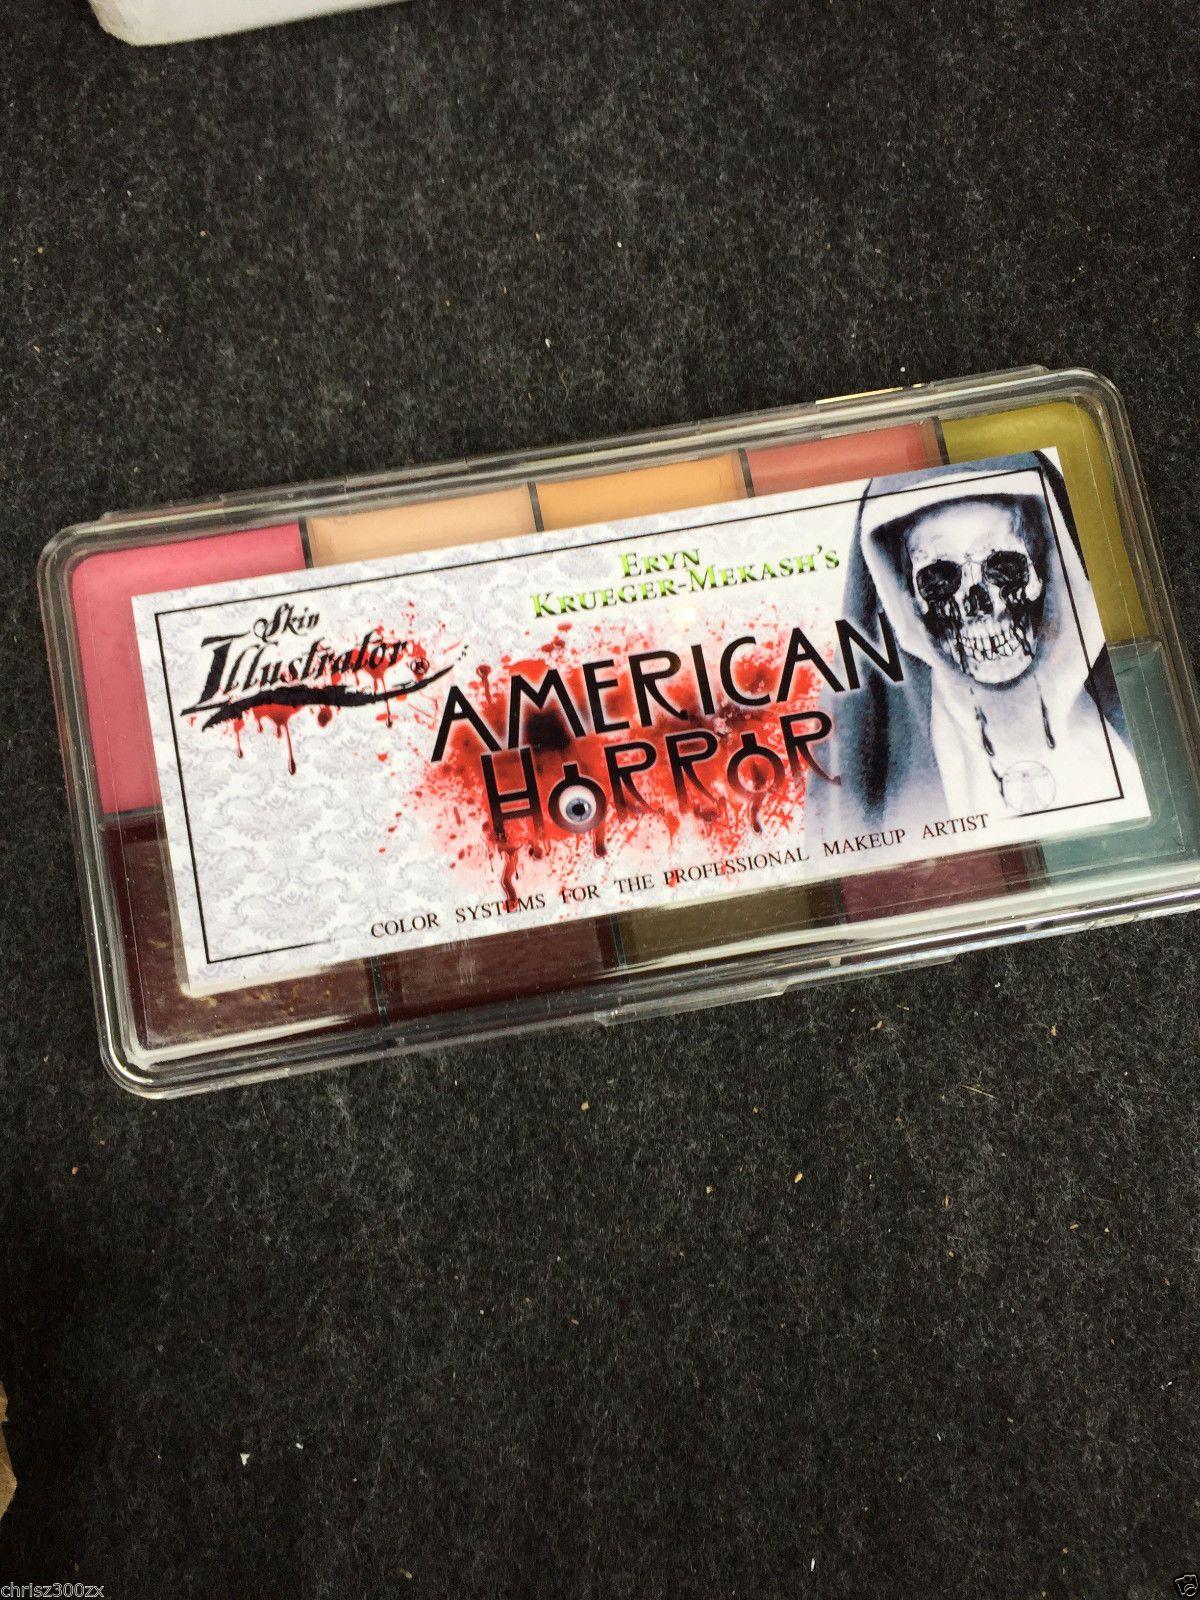 PPI SKIN ILLUSTRATOR American Horror Palette Makeup